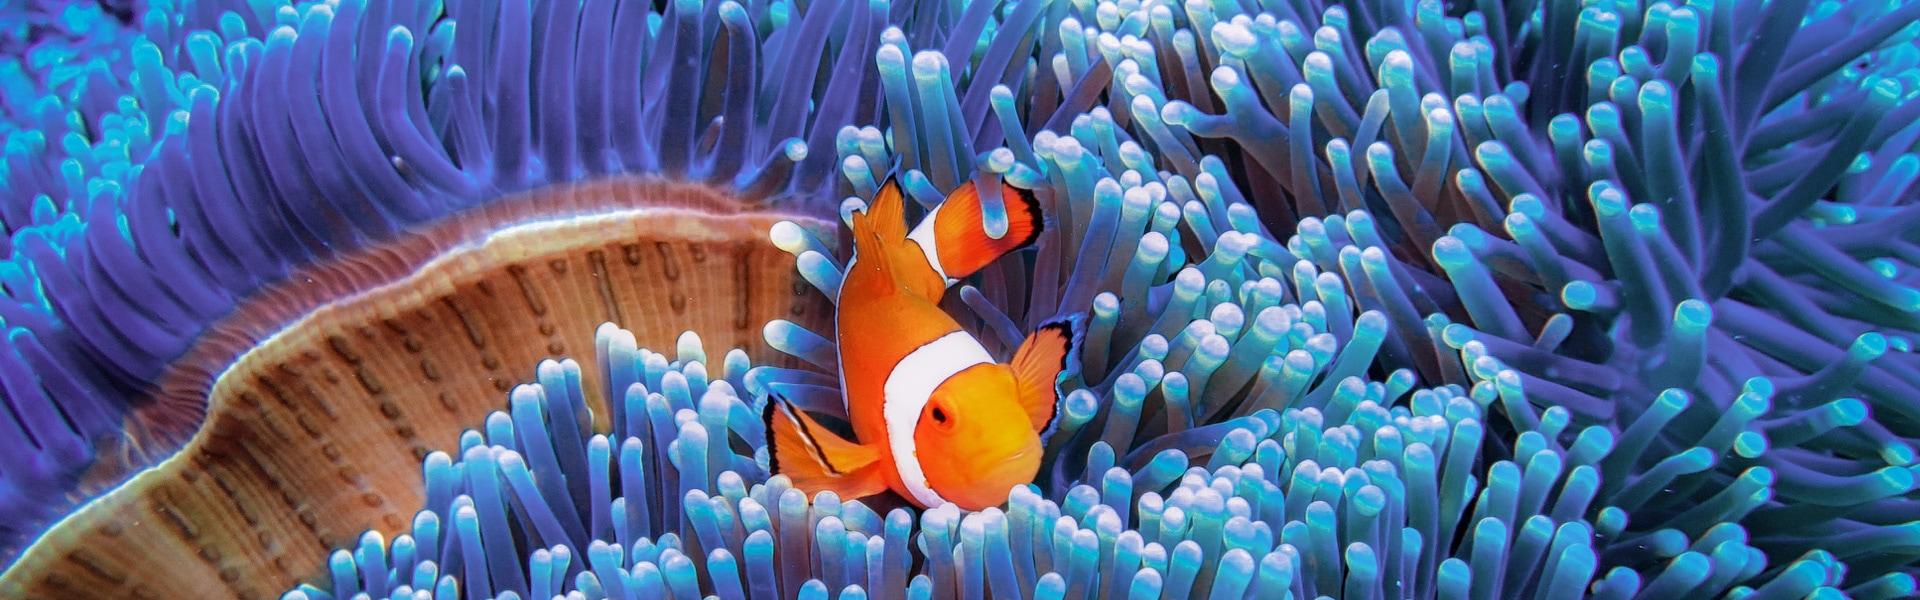 Oranžno-bela riba, med modrimi koralami.